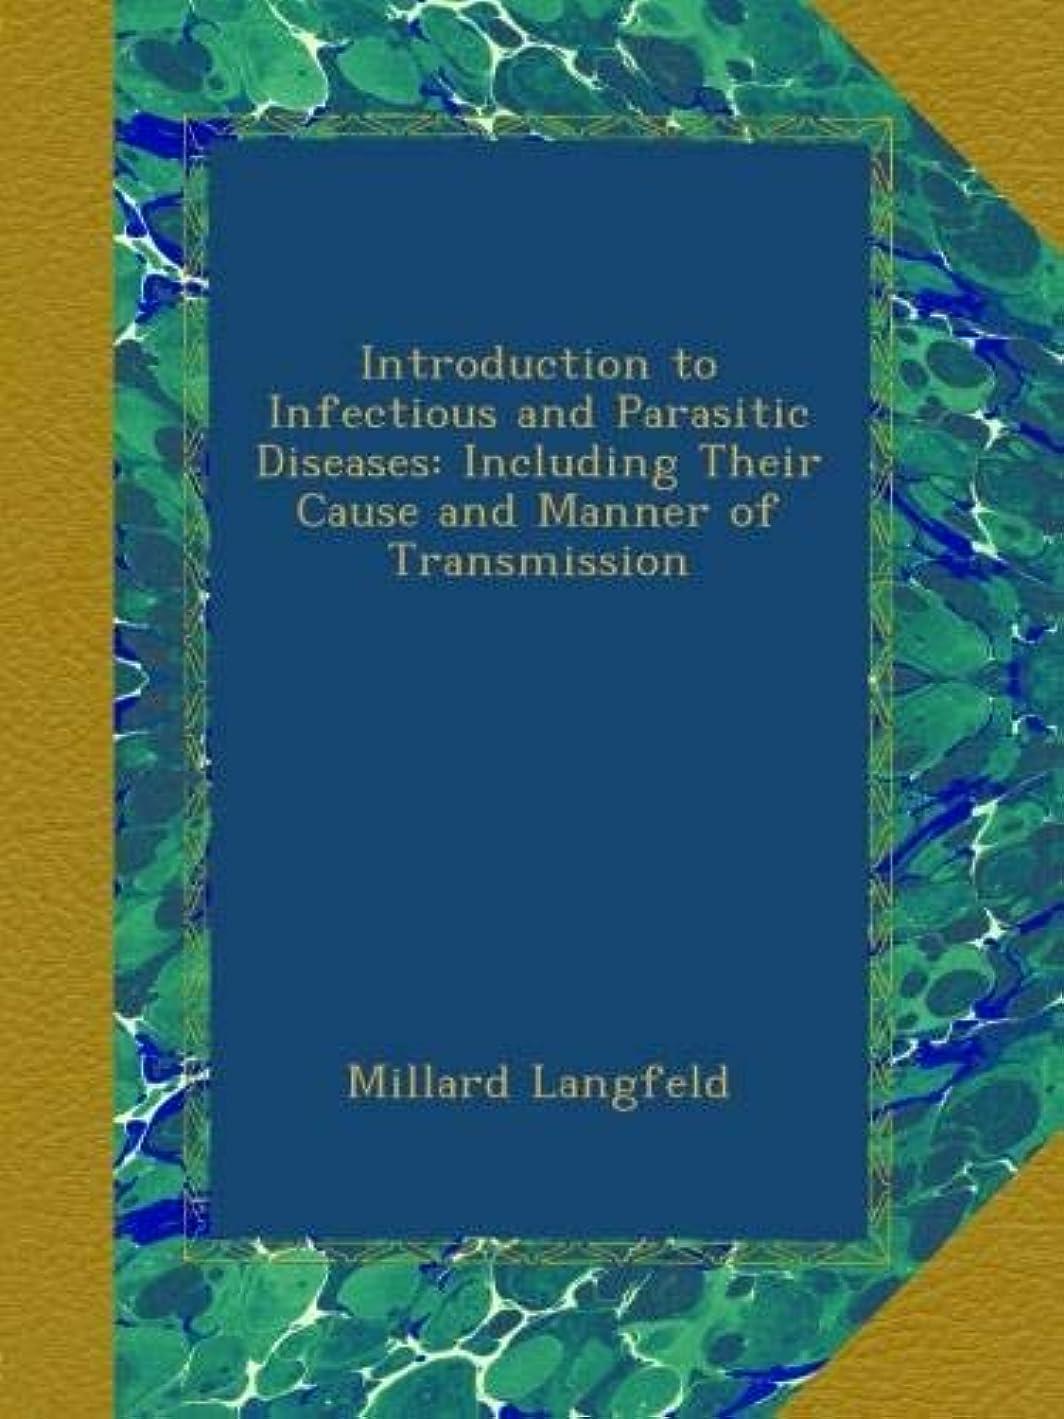 バリケード藤色タイムリーなIntroduction to Infectious and Parasitic Diseases: Including Their Cause and Manner of Transmission